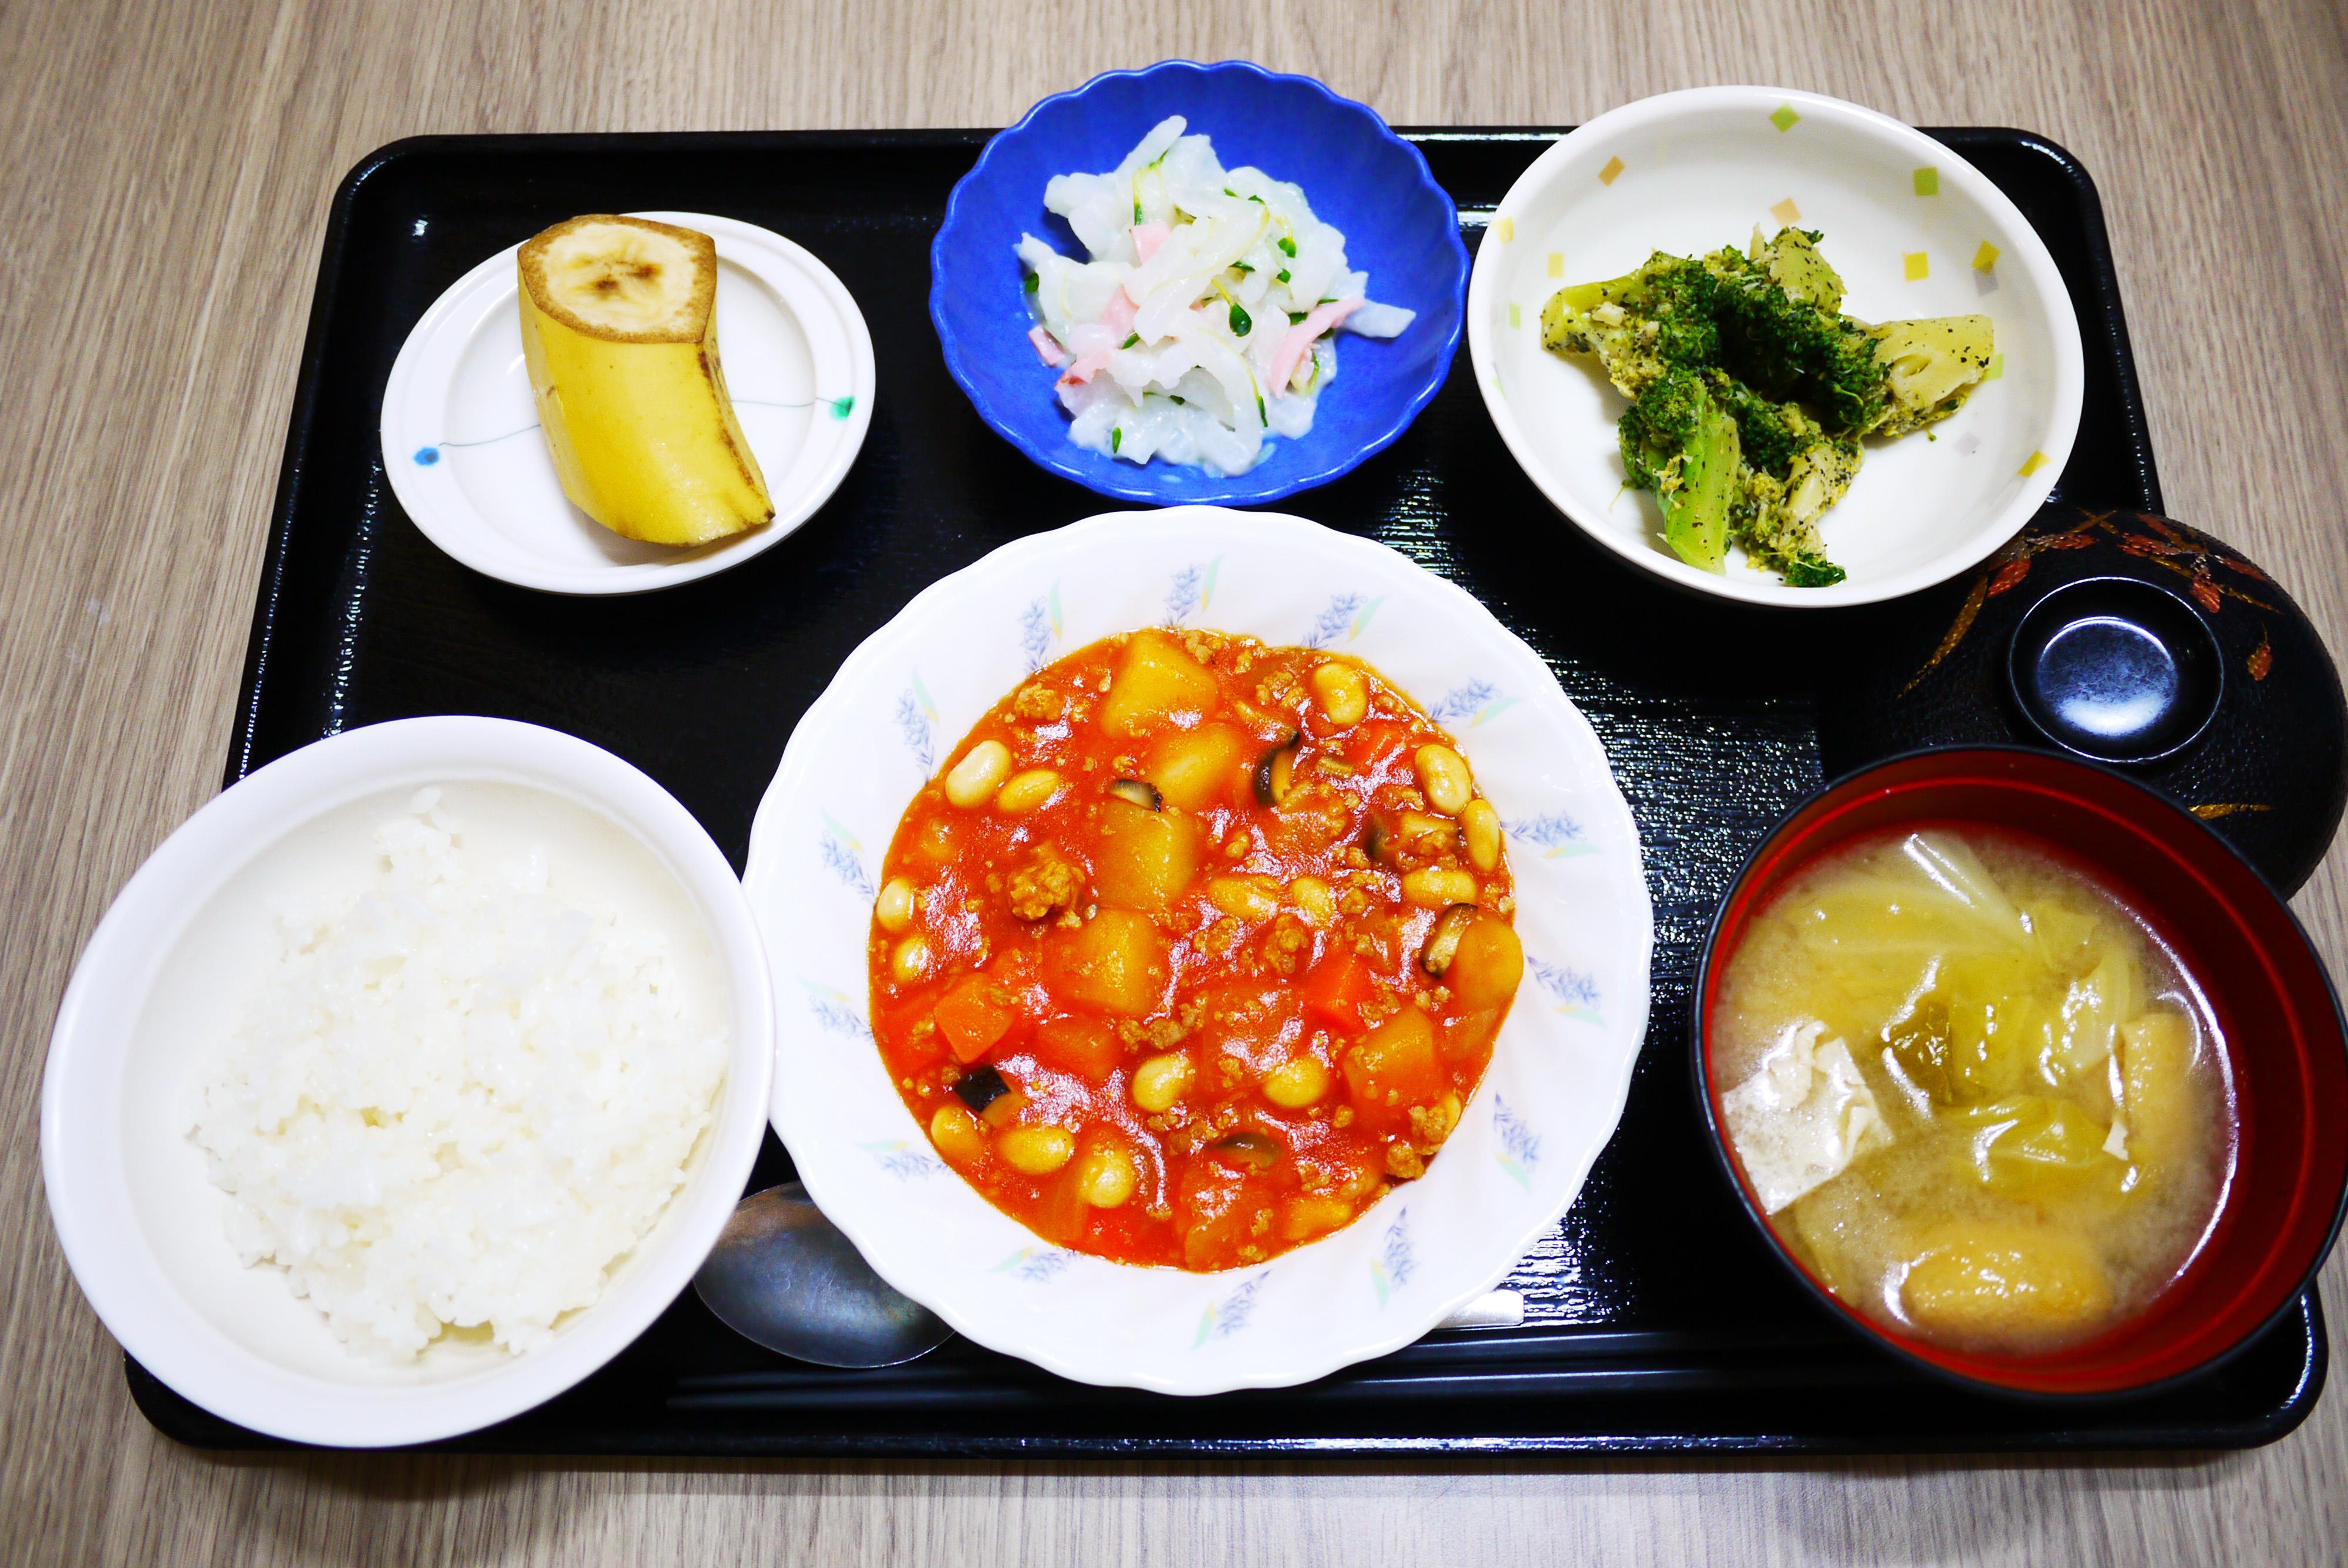 きょうのお昼ごはんは、ポークビーンズ、大根サラダ、ごま和え、みそ汁、果物でした。